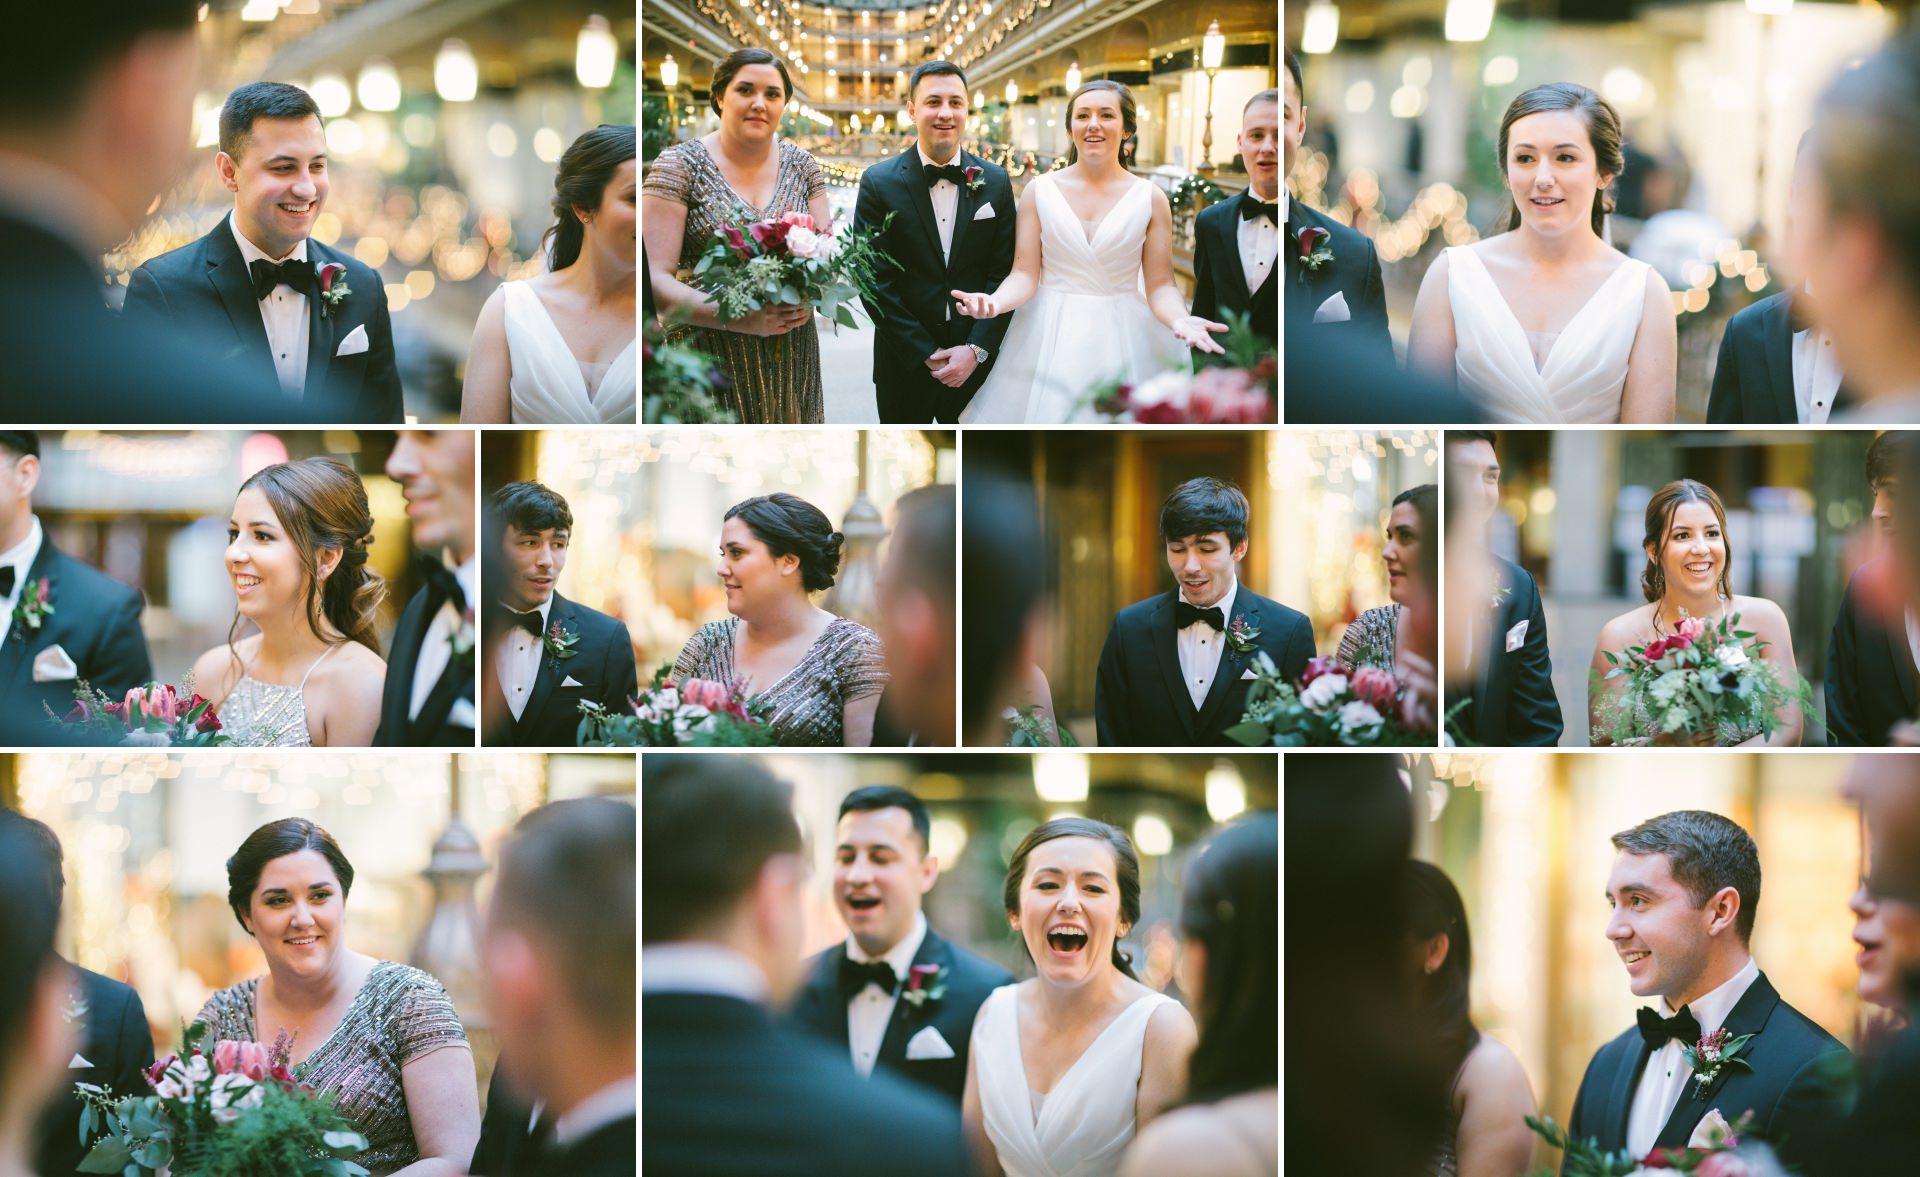 Hyatt Old Arcade Wedding Photographer in Cleveland 1 35.jpg